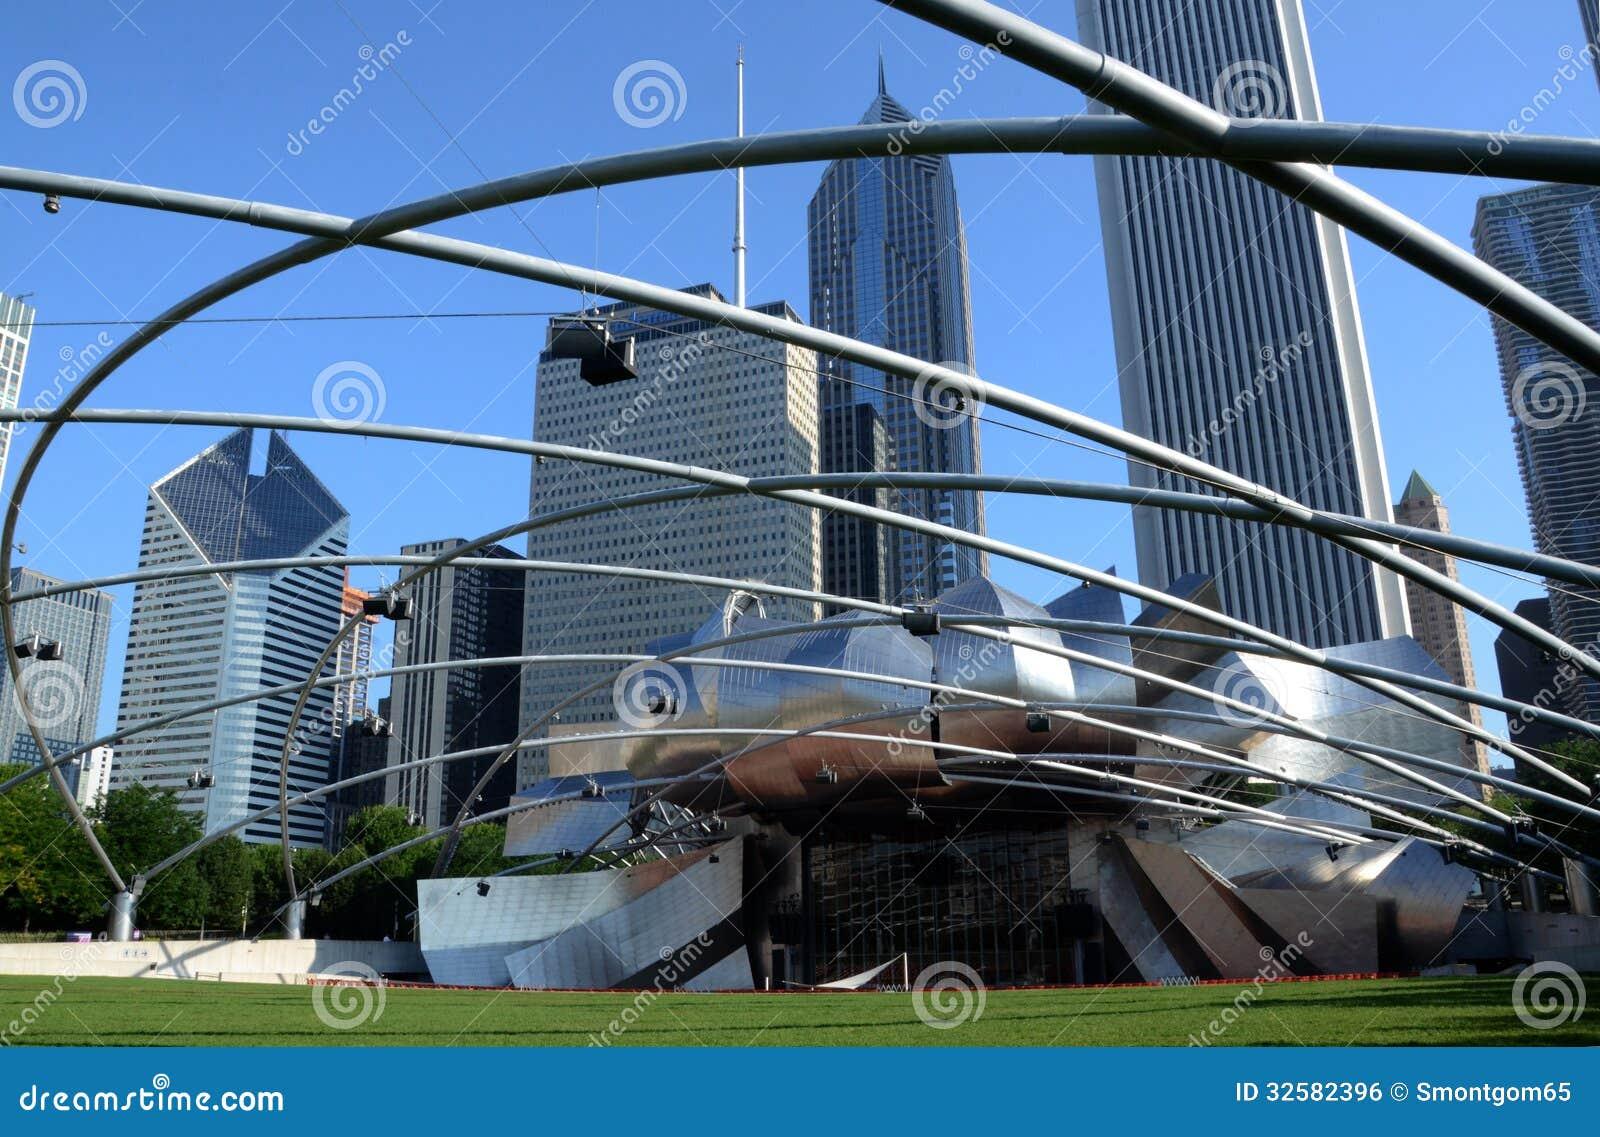 CHICAGO - JULY ... Jaypritzkerpavilion